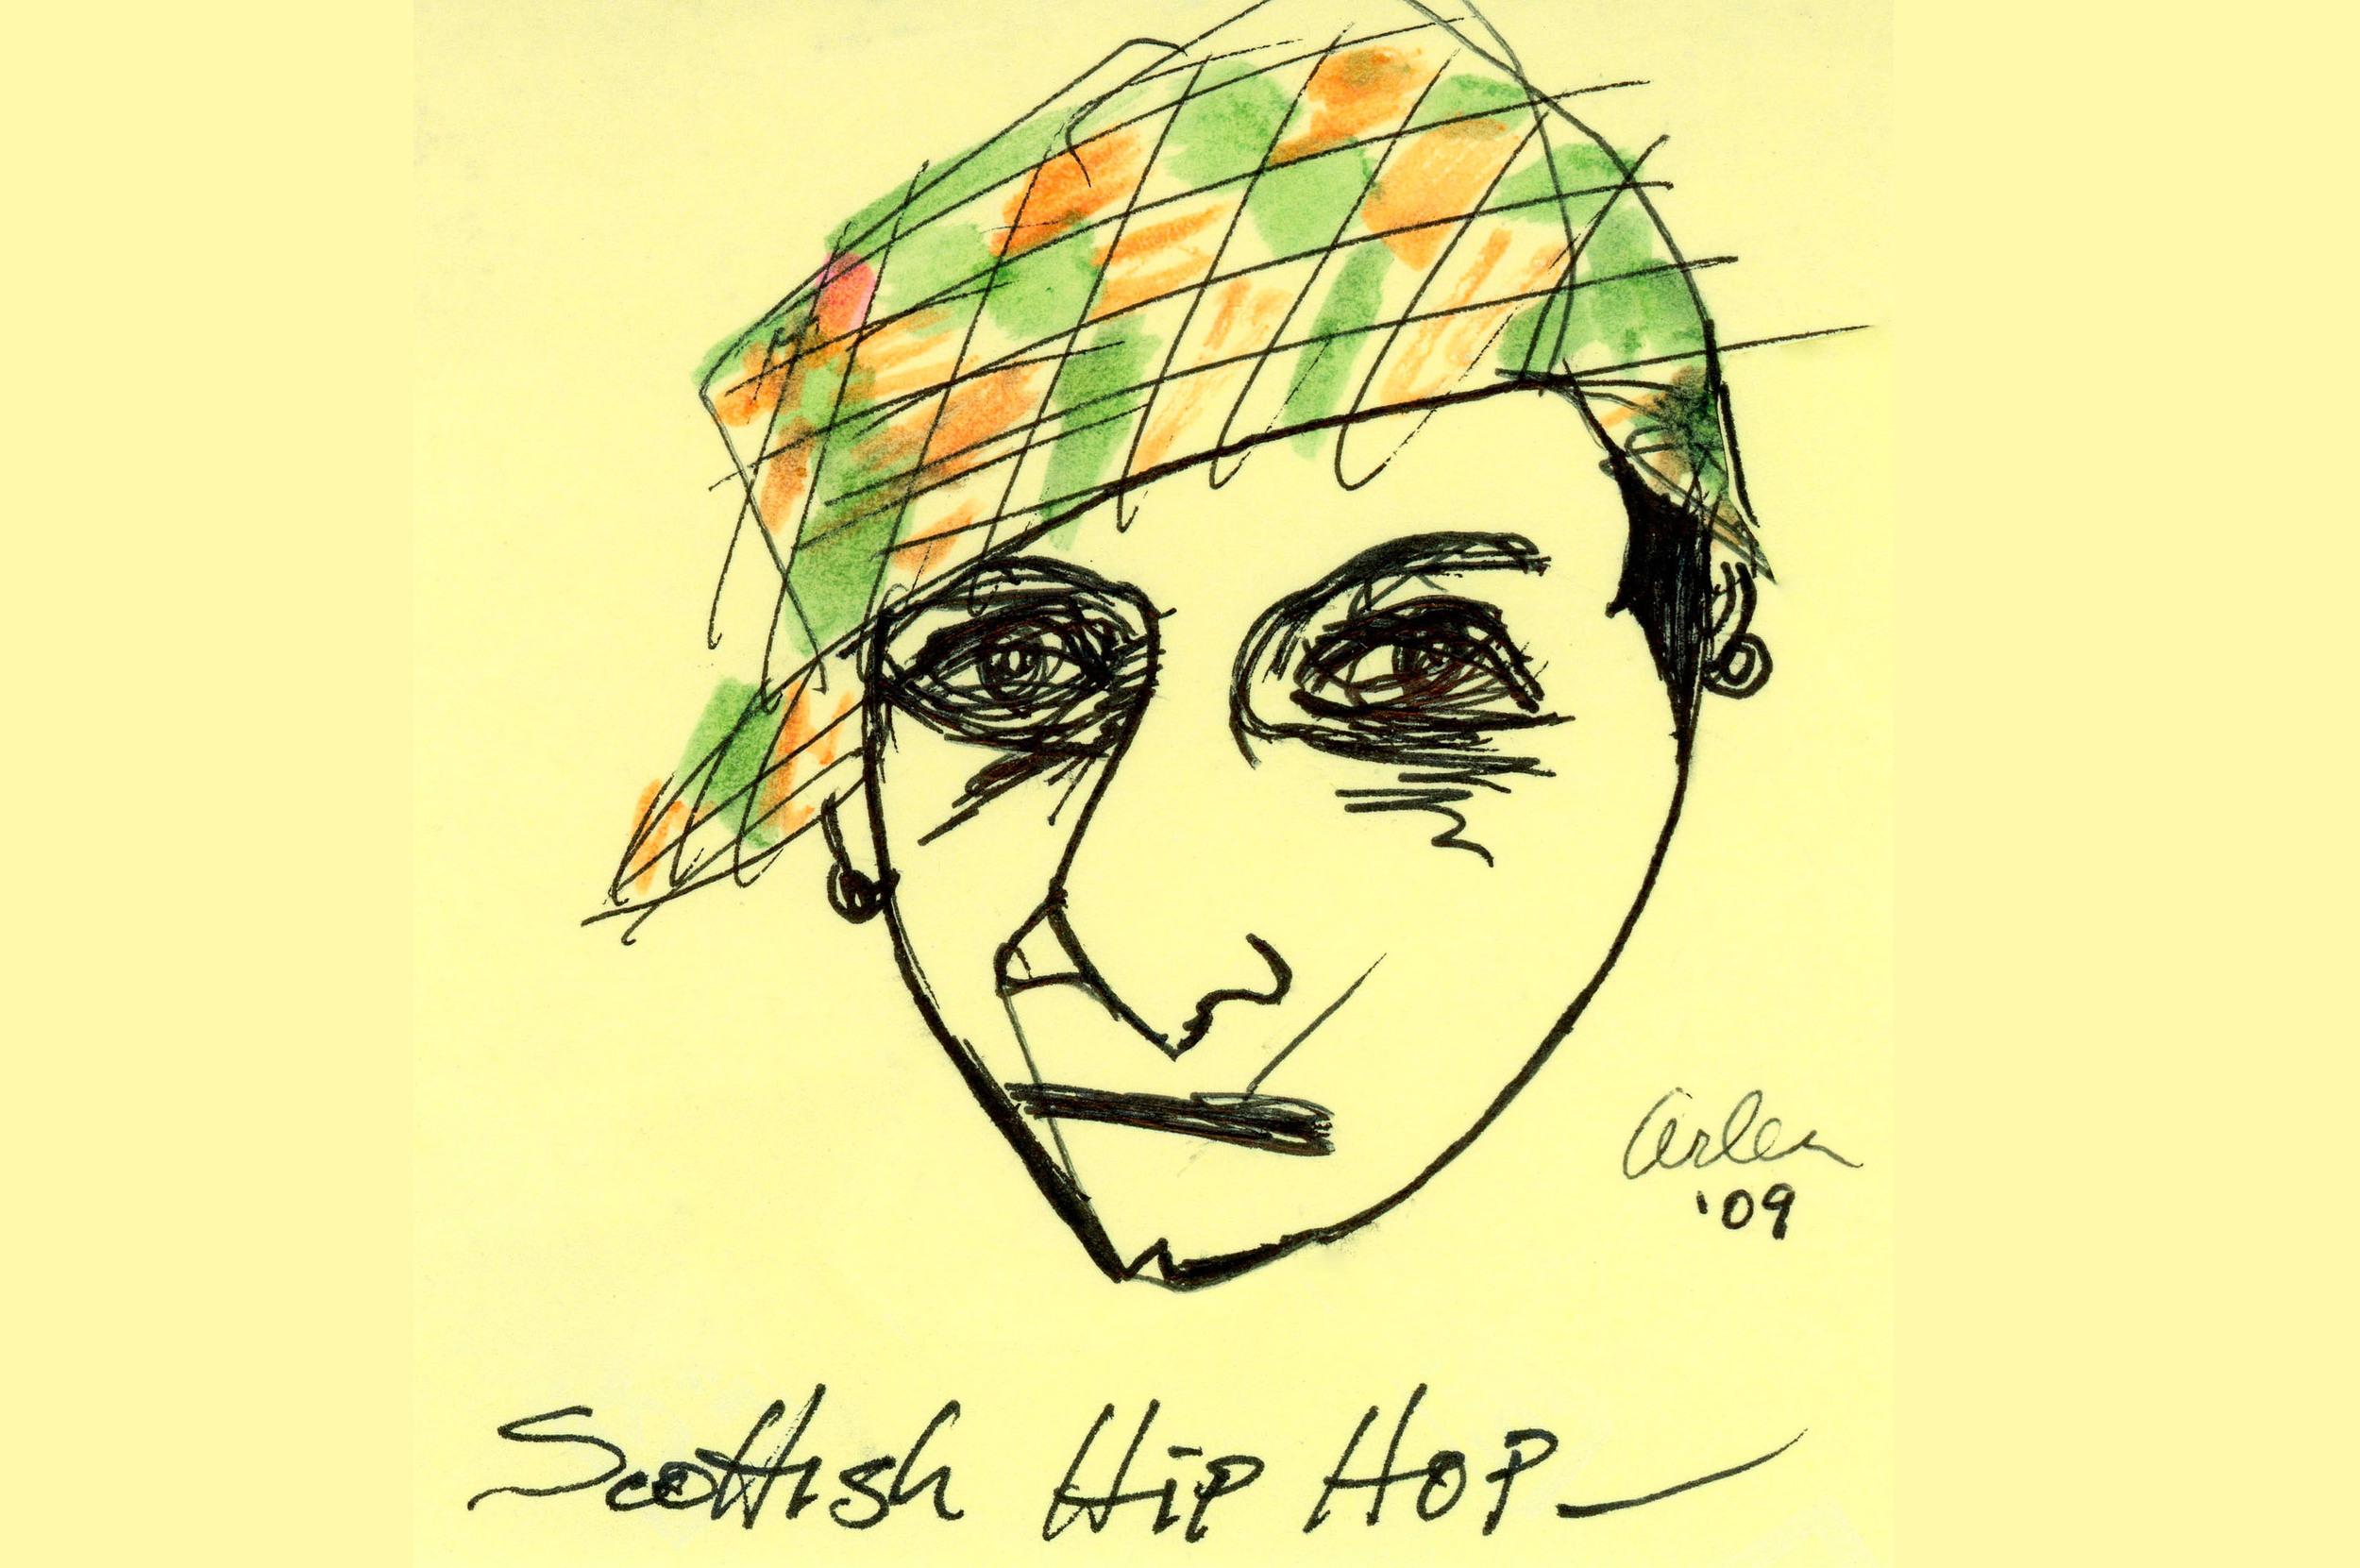 gllry_08-Scottish-Hip-Hop_same-sz.jpg